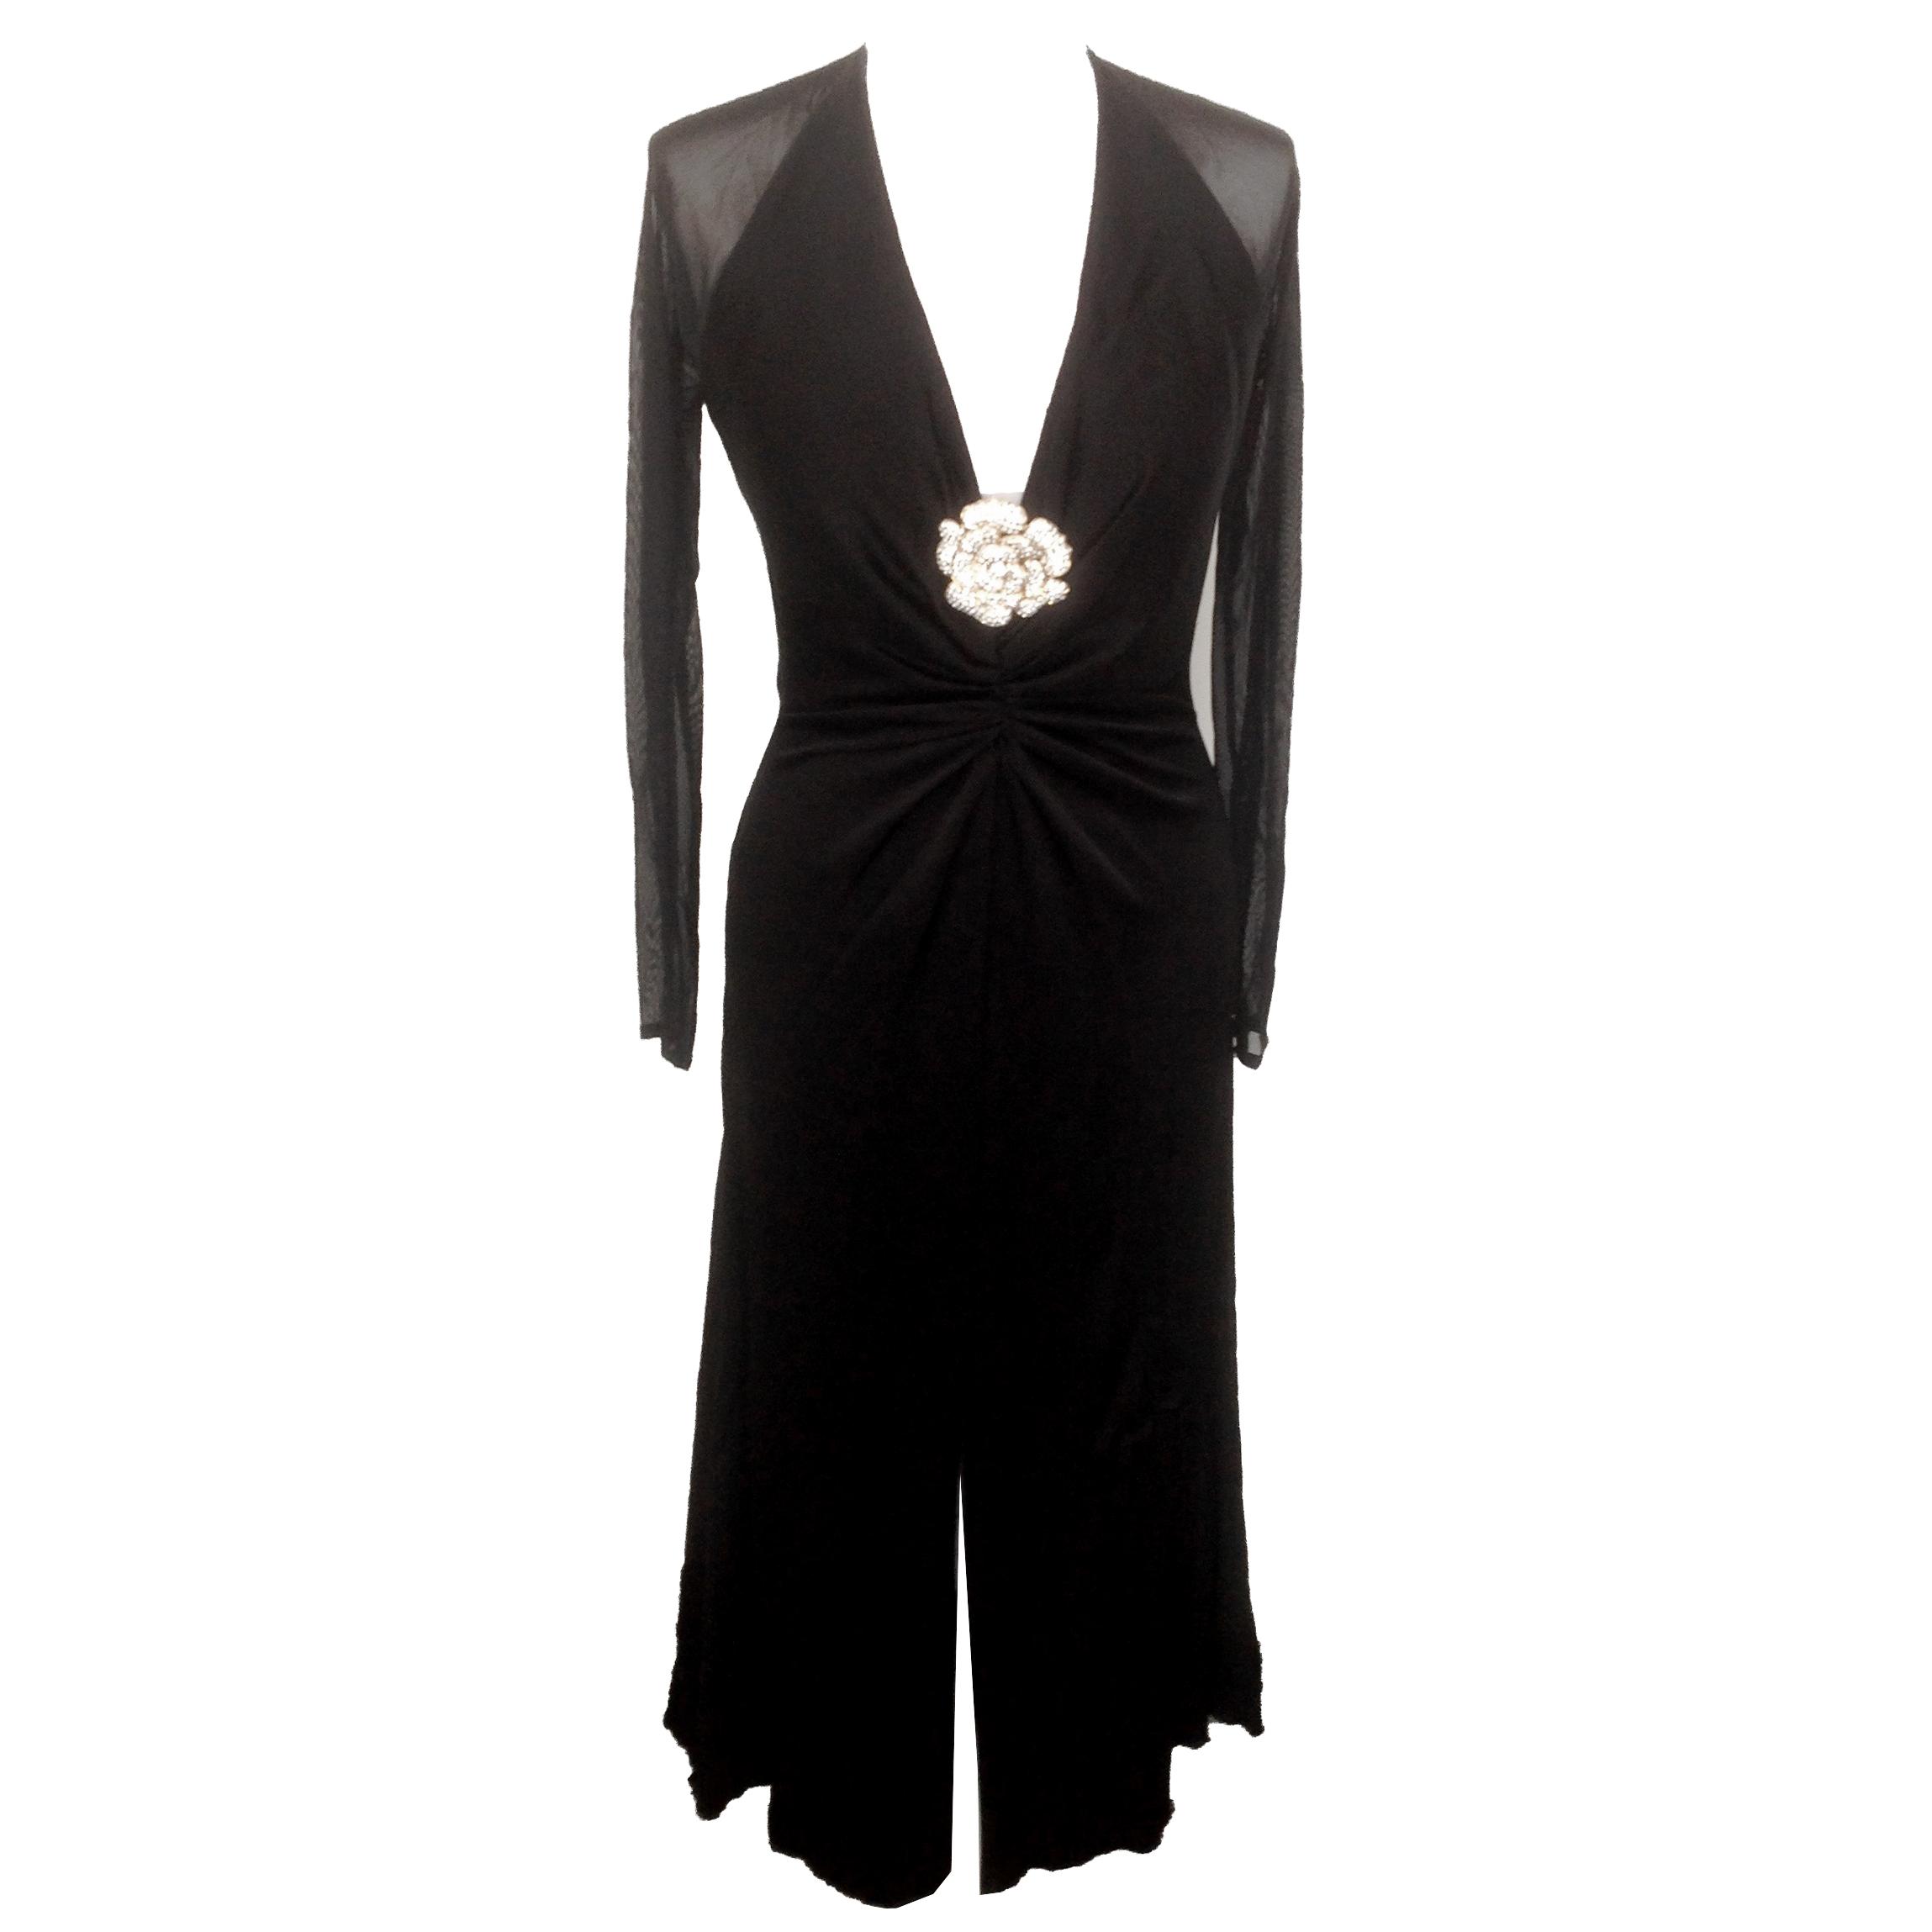 4a148d78929 Emma Somerset Evening Dress   HEWI London